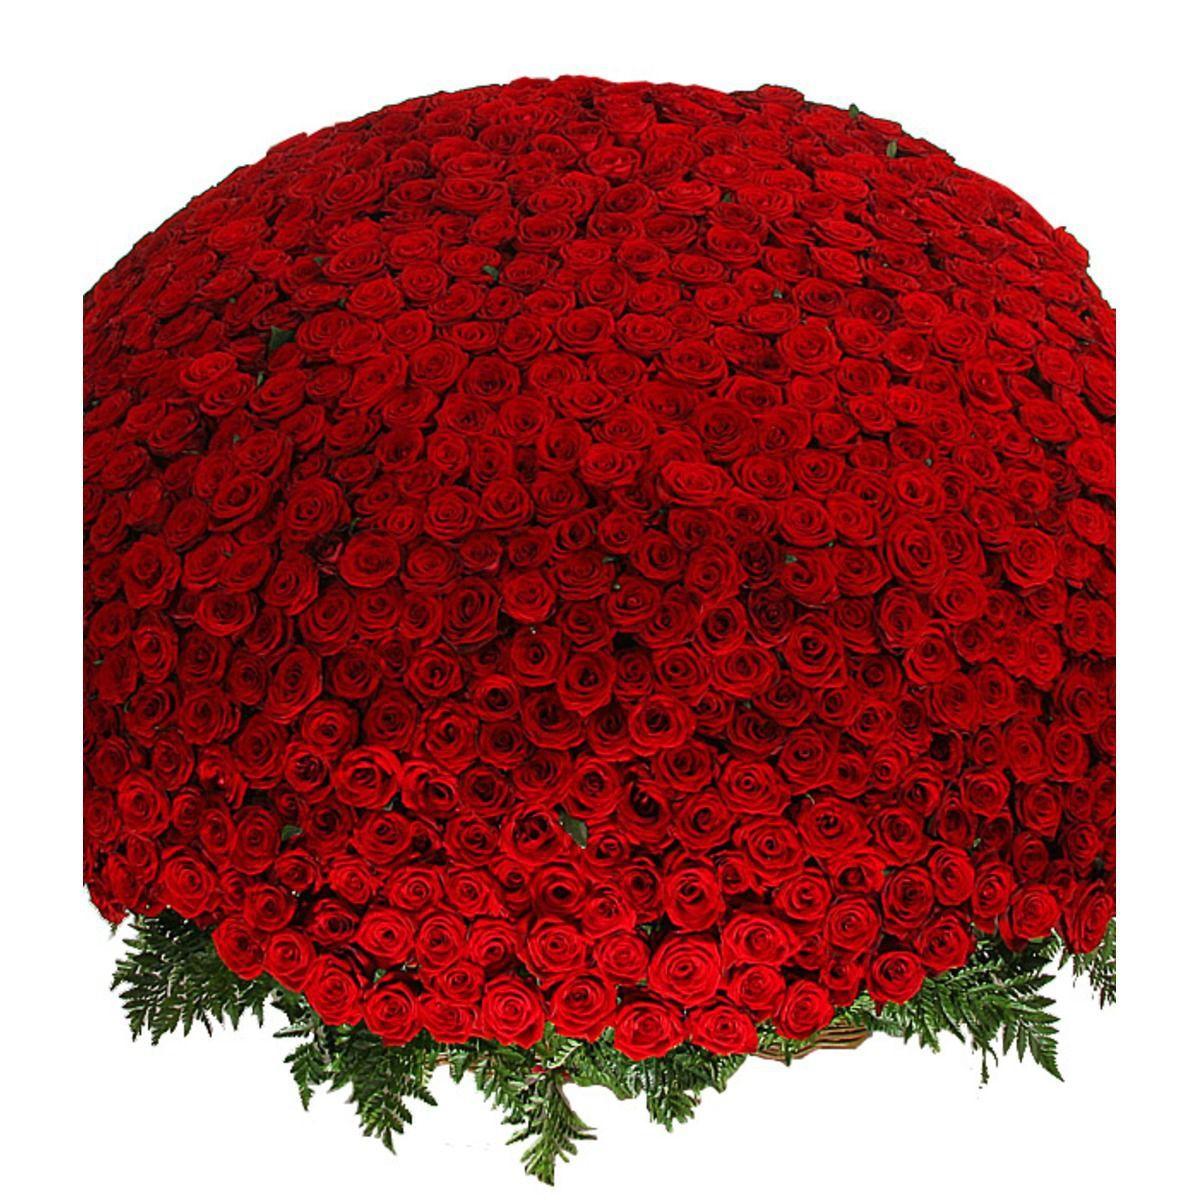 желаю льстить, фотографии миллионы алых роз того, будущем планируется